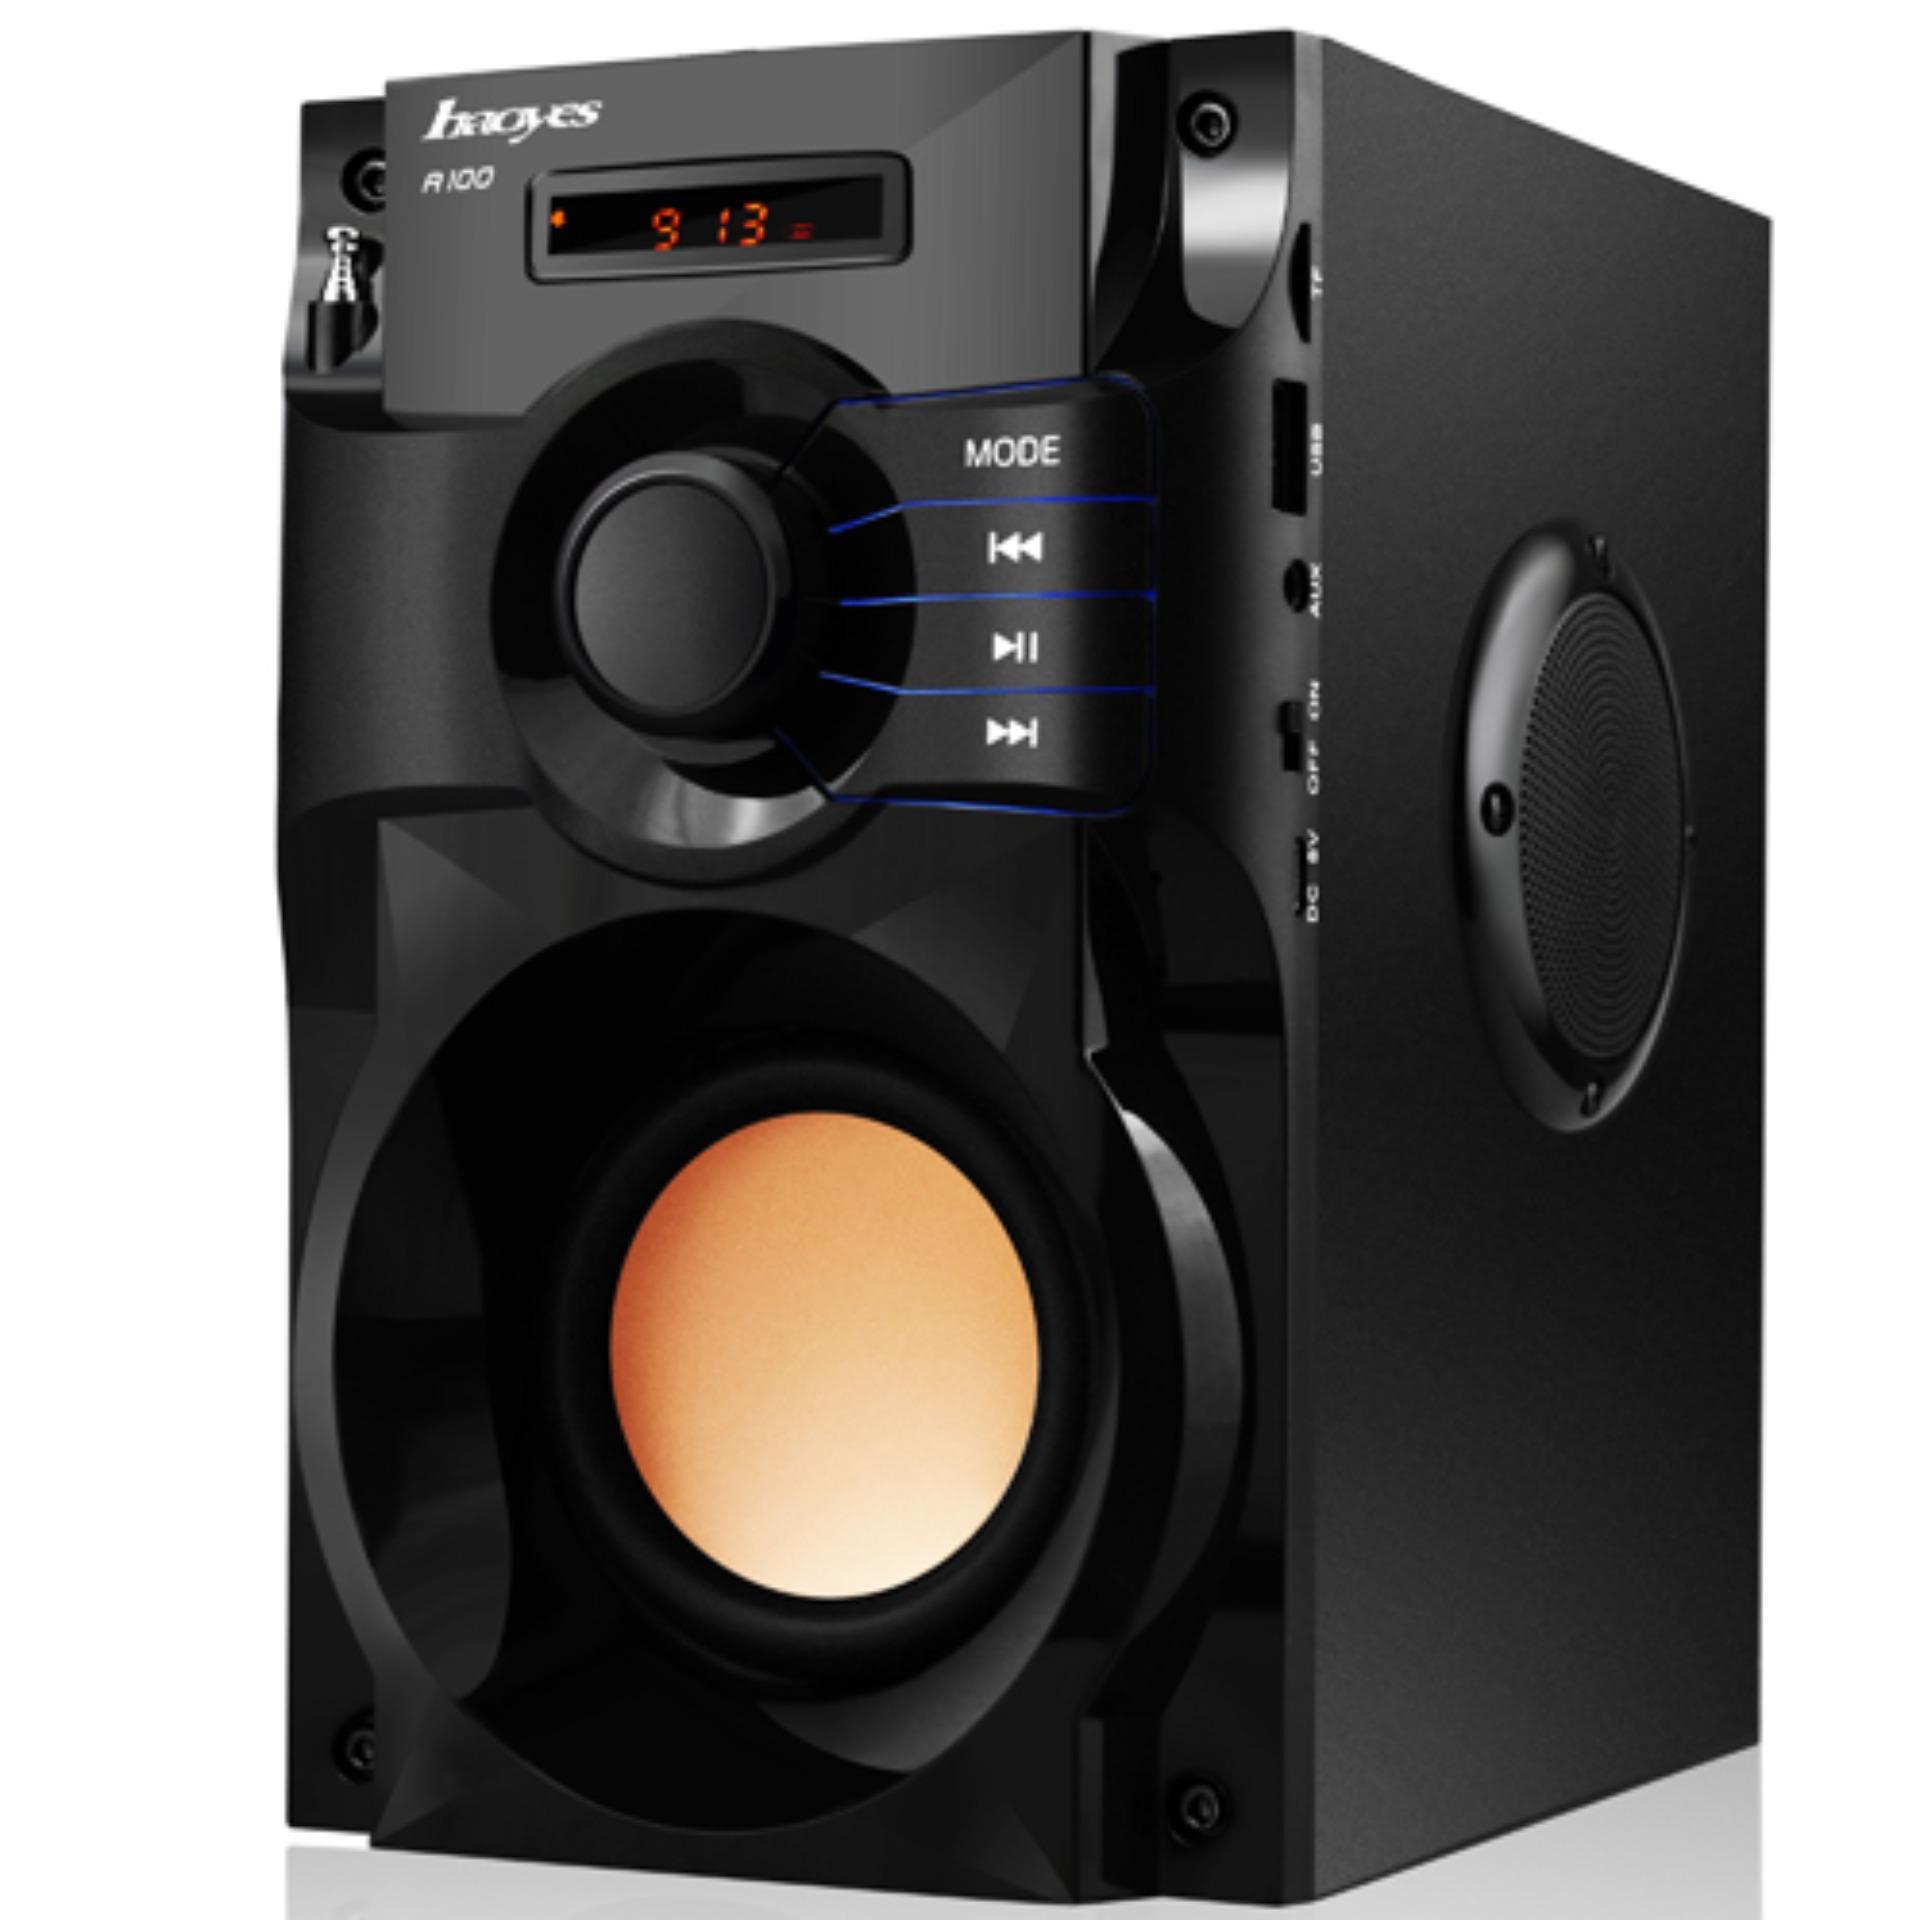 Loa nghe nhạc mạnh siêu bass , Loa Bluetooth NA100 10W x 3 loa vệ tinh - Bluetooth 4.0 OM100 676, Loa Bluetooth Fm - Loa nghe nhạc cao cấp, âm thanh 3 trong 1 ( Hàng Chất)